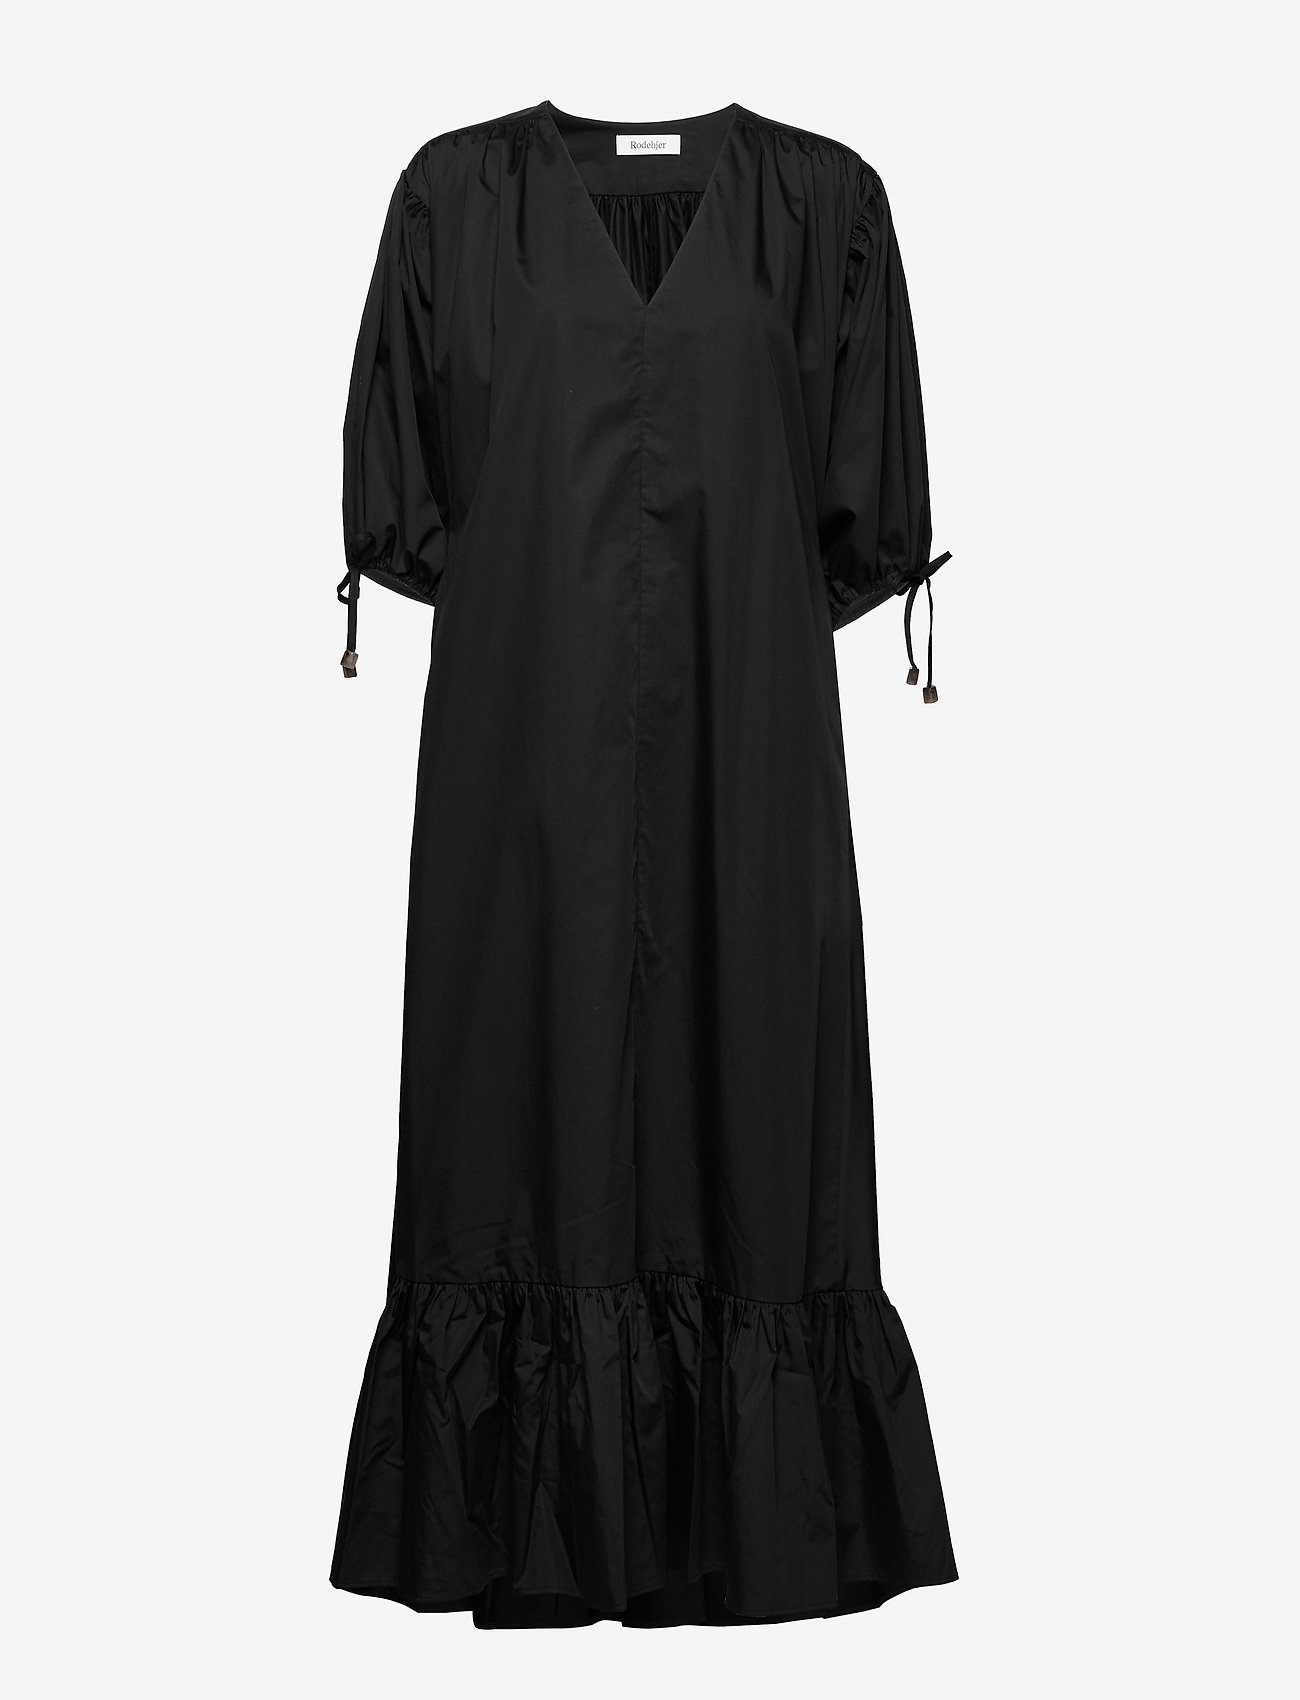 RODEBJER - RODEBJER DAKOTA - summer dresses - black - 0